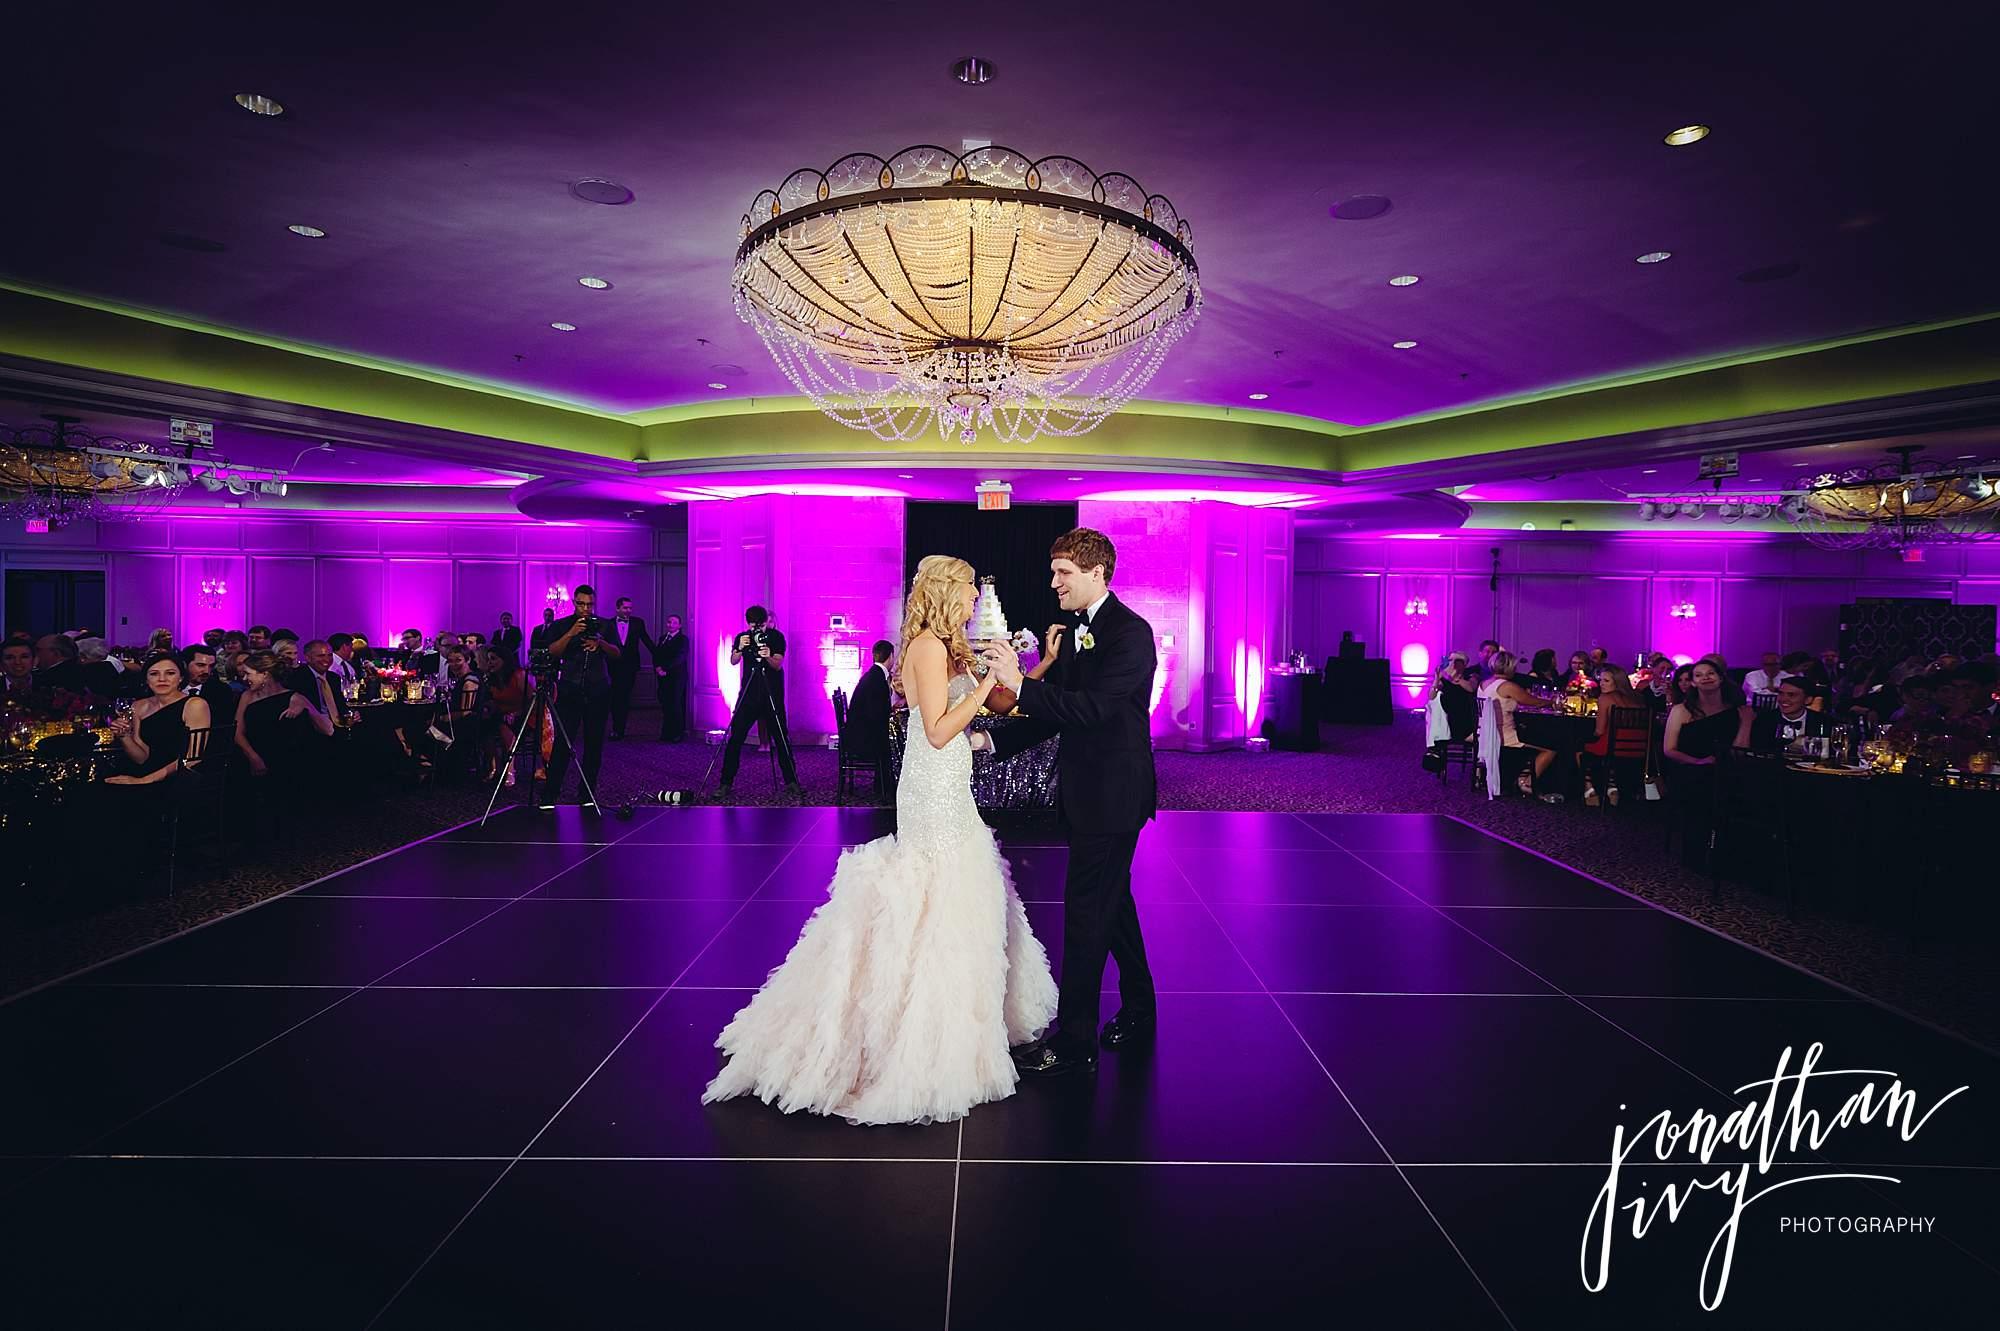 Hotel-Zaza-Houston-Wedding-Reception-0040.jpg